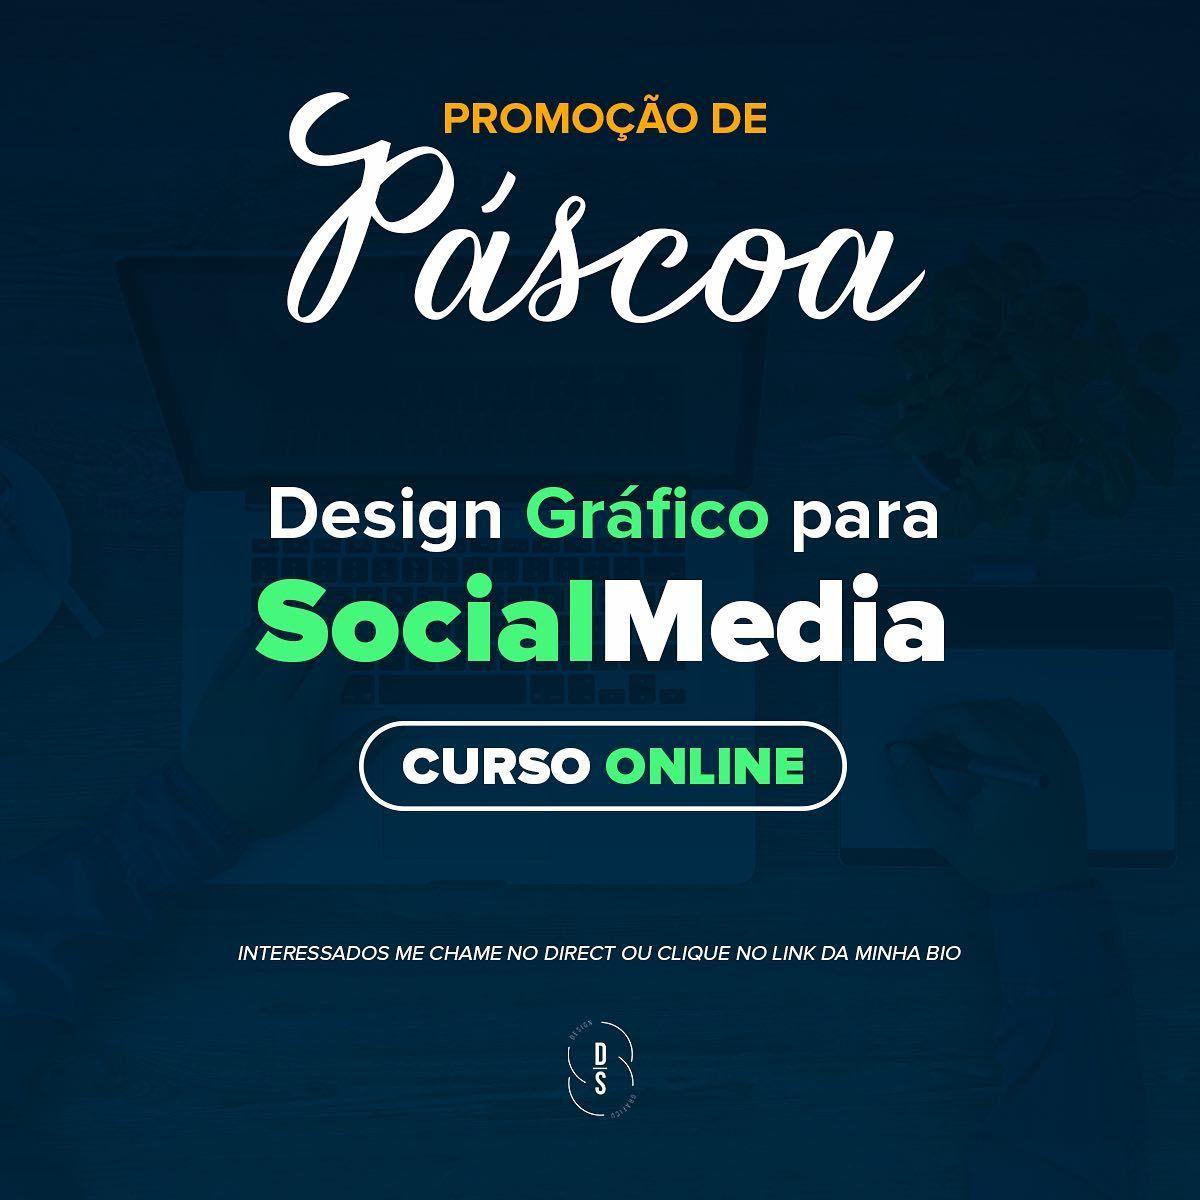 Promocao Nessa Pascoa Abrimos Uma Promocao Imperdivel Para Quem Quer Ser Um Designer De Sucesso Para Social Media Em 2020 Midias Sociais Curso Design Social Media